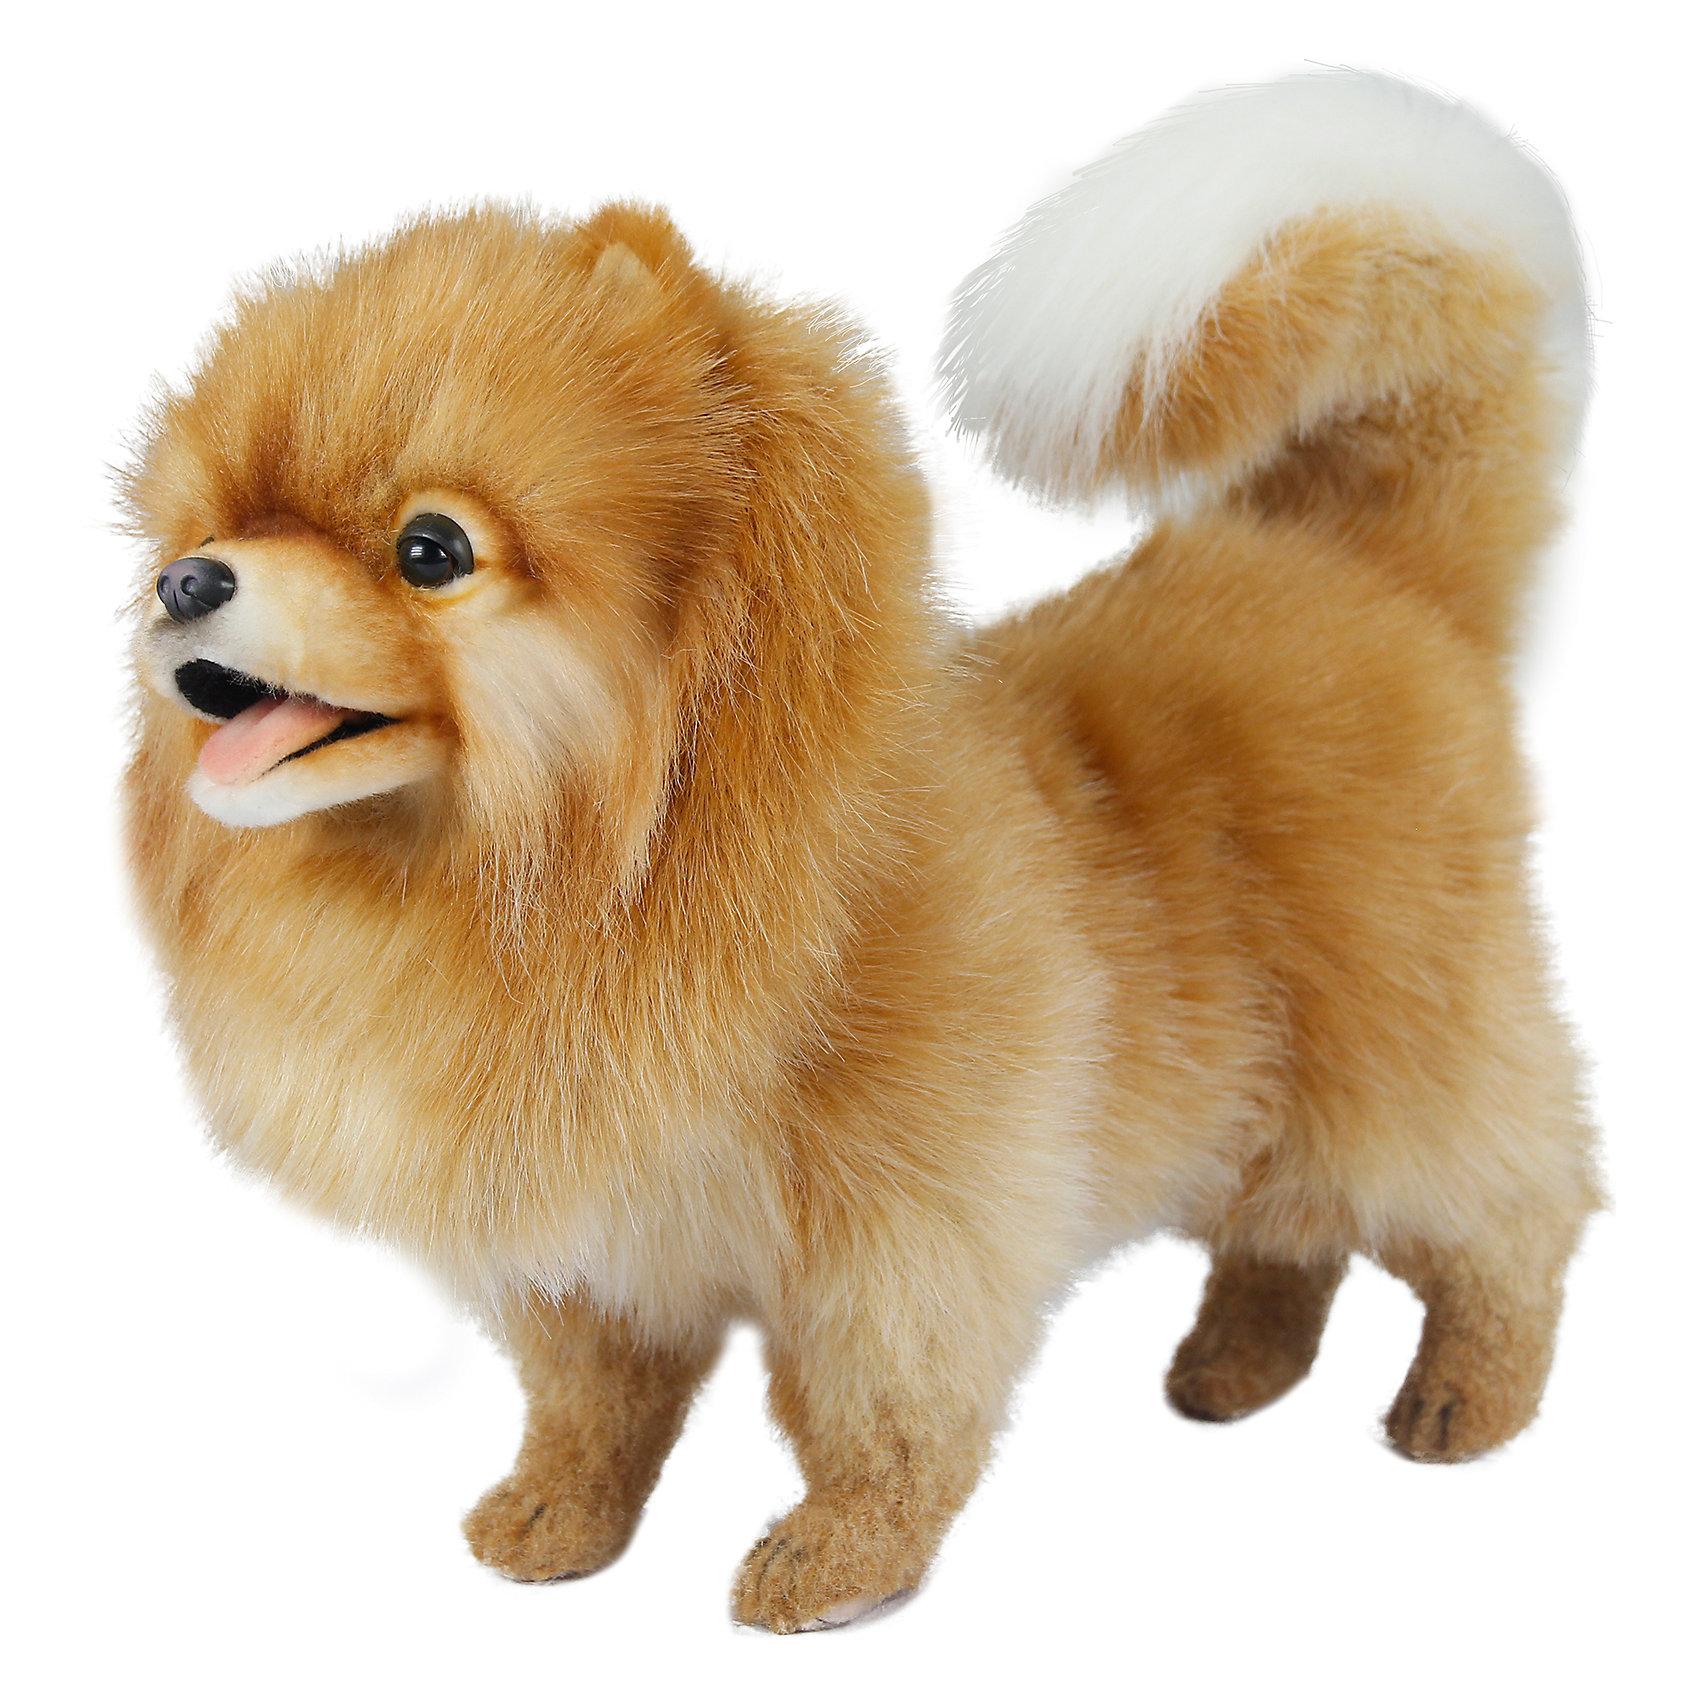 Шпиц, 28 смКошки и собаки<br>Шпиц, 28 см – игрушка от знаменитого бренда Hansa, специализирующегося на выпуске мягких игрушек с высокой степенью натуралистичности. Внешний вид игрушечной собаки полностью соответствует своему реальному прототипу – собаке породы Шпиц. Она выполнена из искусственного меха бежевого цвета с длинным ворсом, внутренняя часть хвостика – из белого меха. Использованные материалы обладают гипоаллергенными свойствами. Внутри игрушки имеется металлический каркас, позволяющий изменять положение. <br>Игрушка относится к серии Домашние животные. <br>Мягкие игрушки от Hansa подходят для сюжетно-ролевых игр, для обучающих игр, направленных на знакомство с миром живой природы. Кроме того, их можно использовать в качестве интерьерных игрушек. Представленные у торгового бренда разнообразие игрушечных собак позволяет собрать свою коллекцию пород, которая будет радовать вашего ребенка долгое время, так как ручная работа и качественные материалы гарантируют их долговечность и прочность.<br><br>Дополнительная информация:<br><br>- Вид игр: сюжетно-ролевые игры, коллекционирование, интерьерные игрушки<br>- Предназначение: для дома, для детских развивающих центров, для детских садов<br>- Материал: искусственный мех, наполнитель ? полиэфирное волокно<br>- Размер (ДхШхВ): 28*16*36 см<br>- Вес: 840 г<br>- Особенности ухода: сухая чистка при помощи пылесоса или щетки для одежды<br><br>Подробнее:<br><br>• Для детей в возрасте: от 3 лет <br>• Страна производитель: Филиппины<br>• Торговый бренд: Hansa<br><br>Шпица, 28 см можно купить в нашем интернет-магазине.<br><br>Ширина мм: 28<br>Глубина мм: 16<br>Высота мм: 36<br>Вес г: 840<br>Возраст от месяцев: 36<br>Возраст до месяцев: 2147483647<br>Пол: Унисекс<br>Возраст: Детский<br>SKU: 4927235